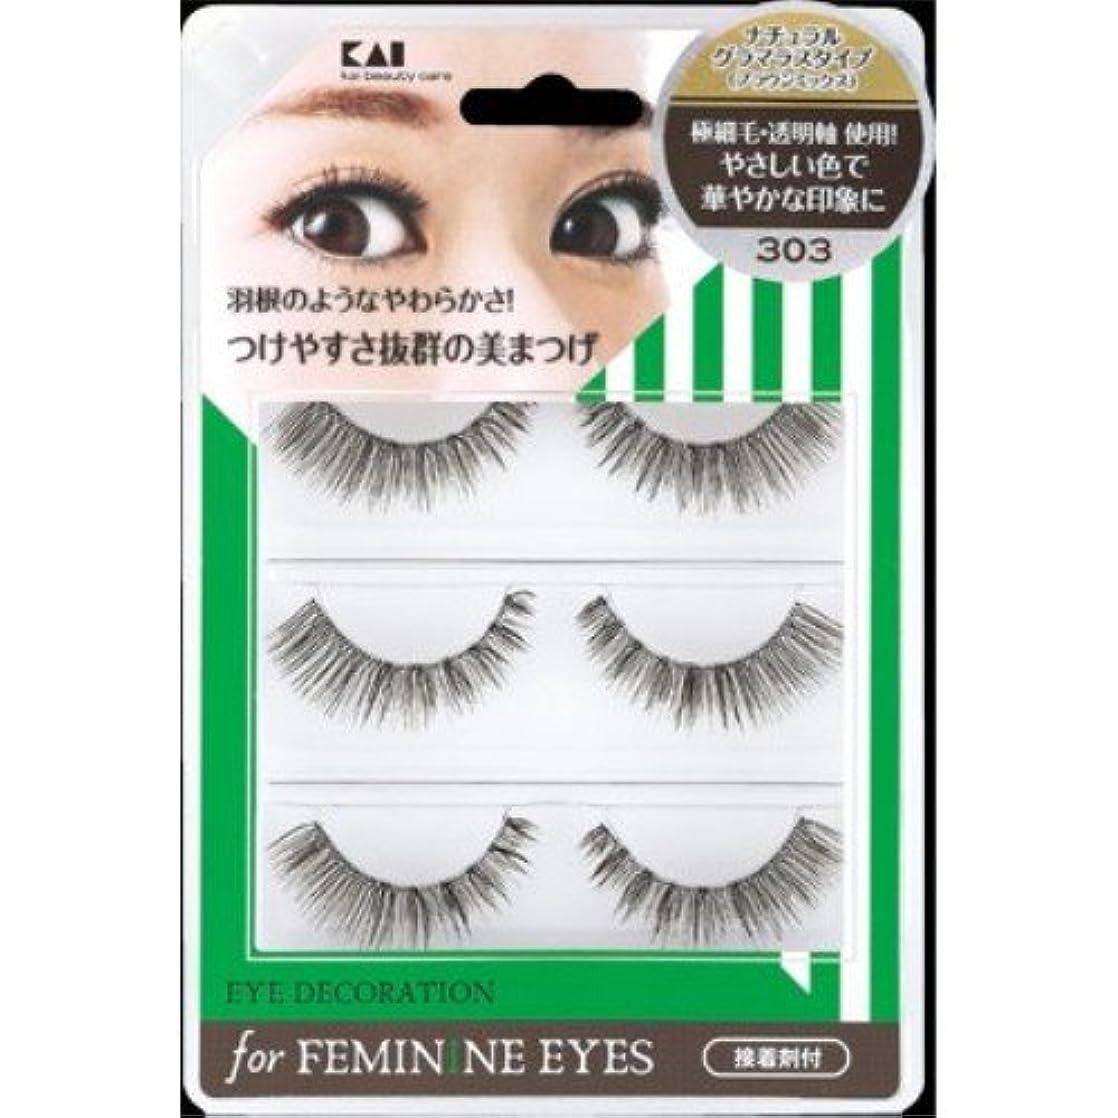 よく話されるフリル天才貝印 アイデコレーション for feminine eyes 303 HC1563